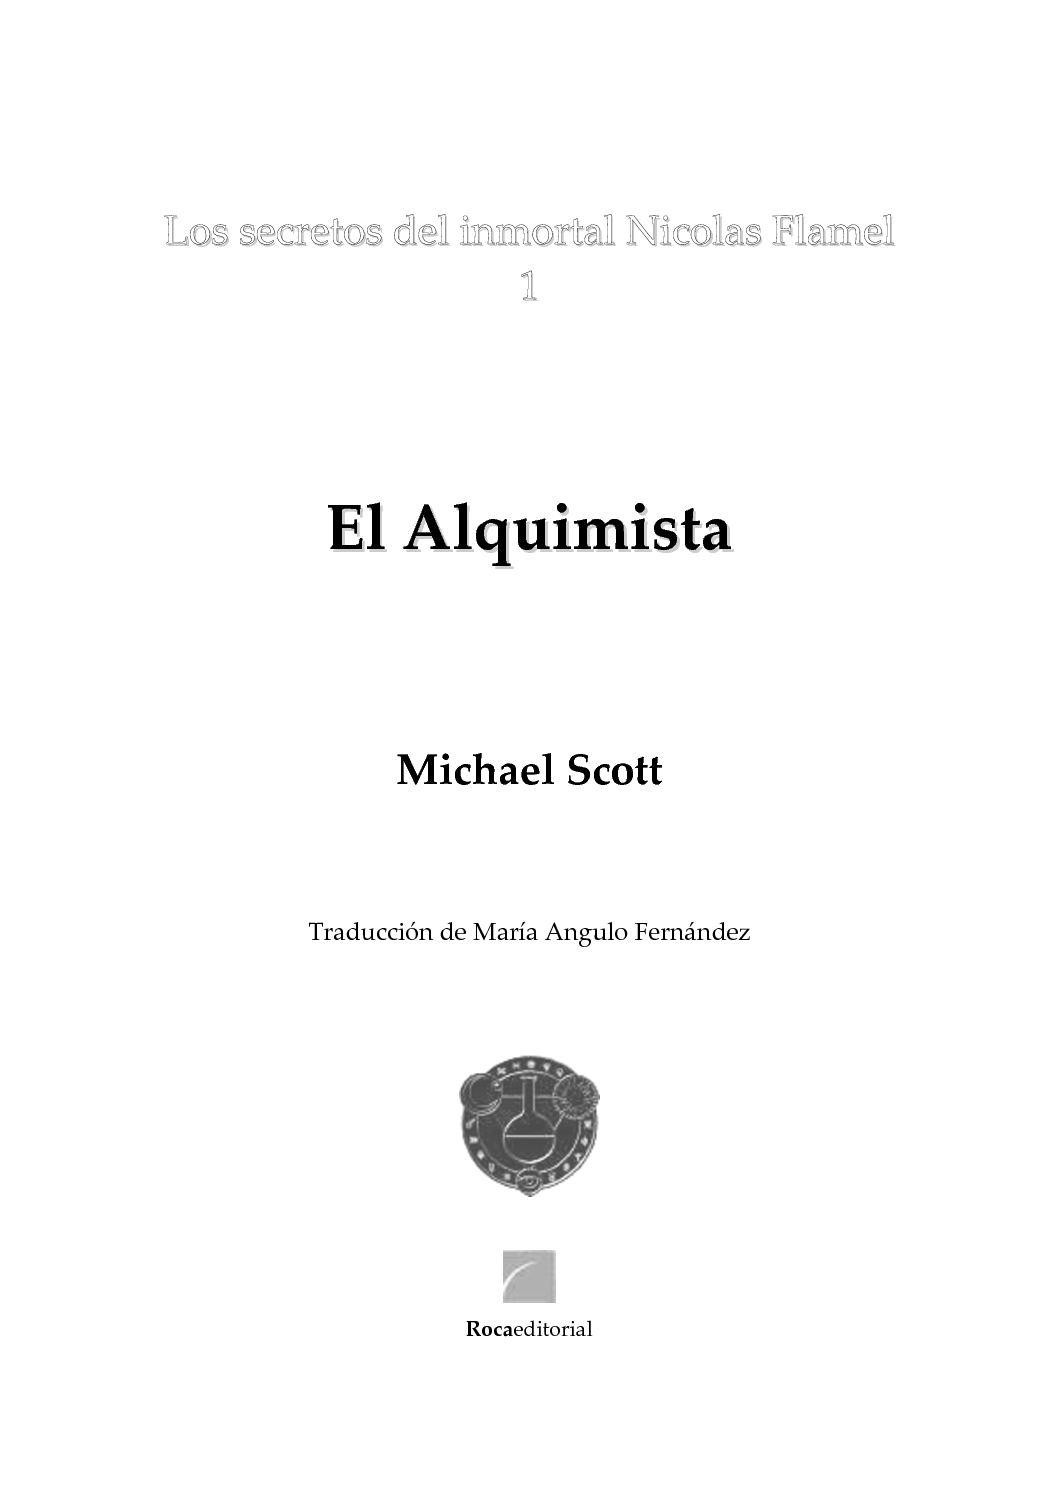 Calaméo - 1 Los Secretos Del Inmortal Nicolas Flamel El Alquimista 1fec3badb545a